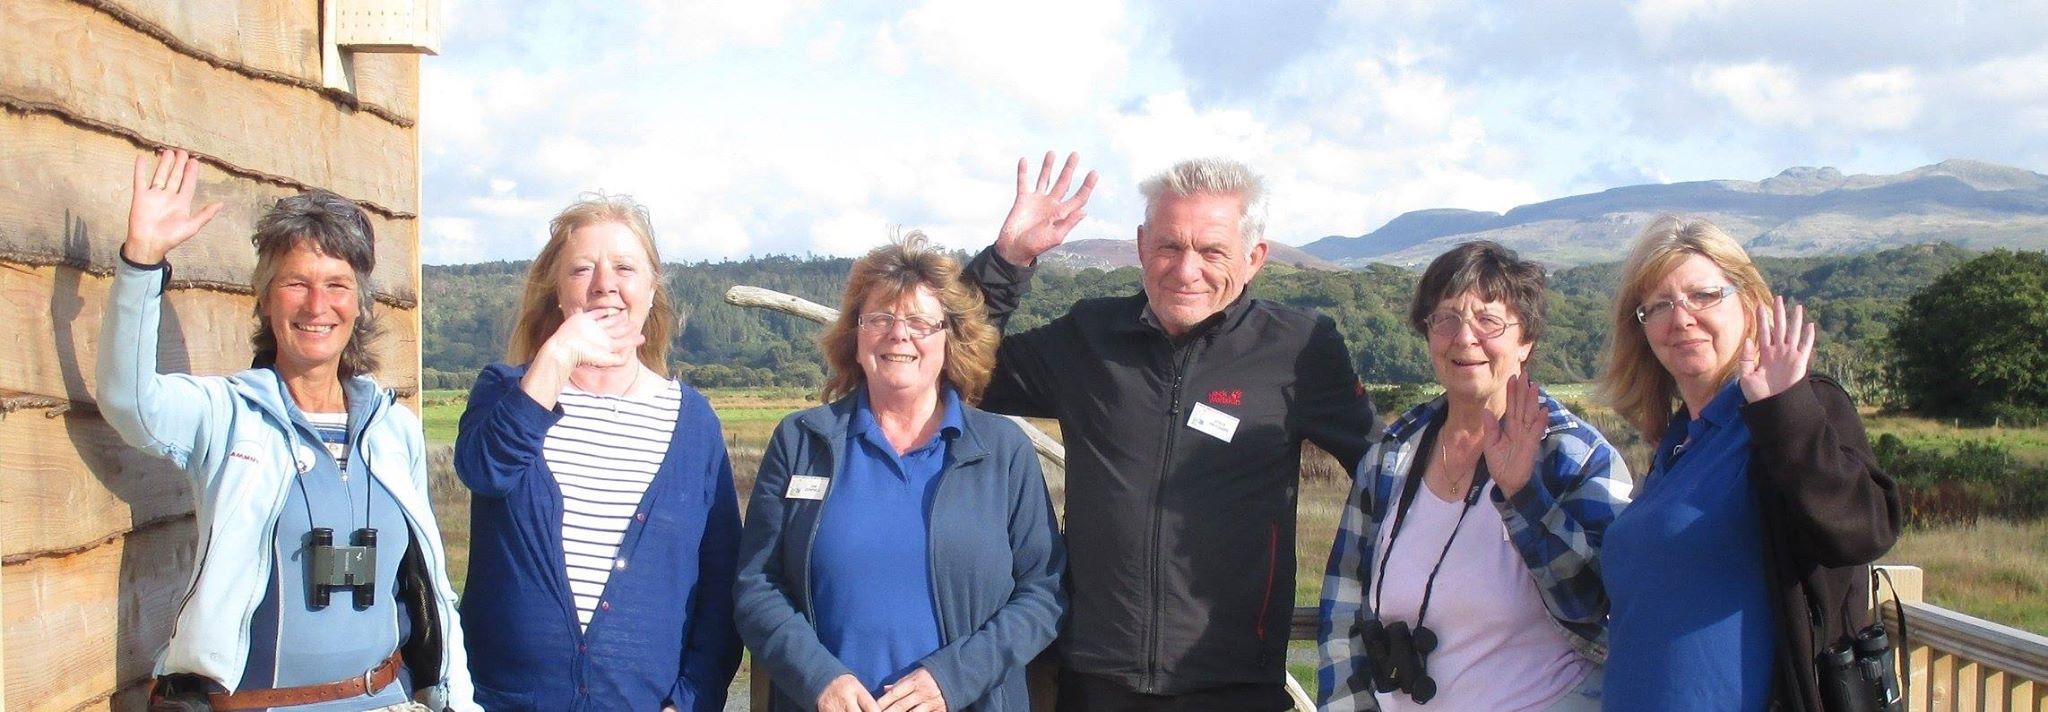 End of season group photo as volunteers bid farewell